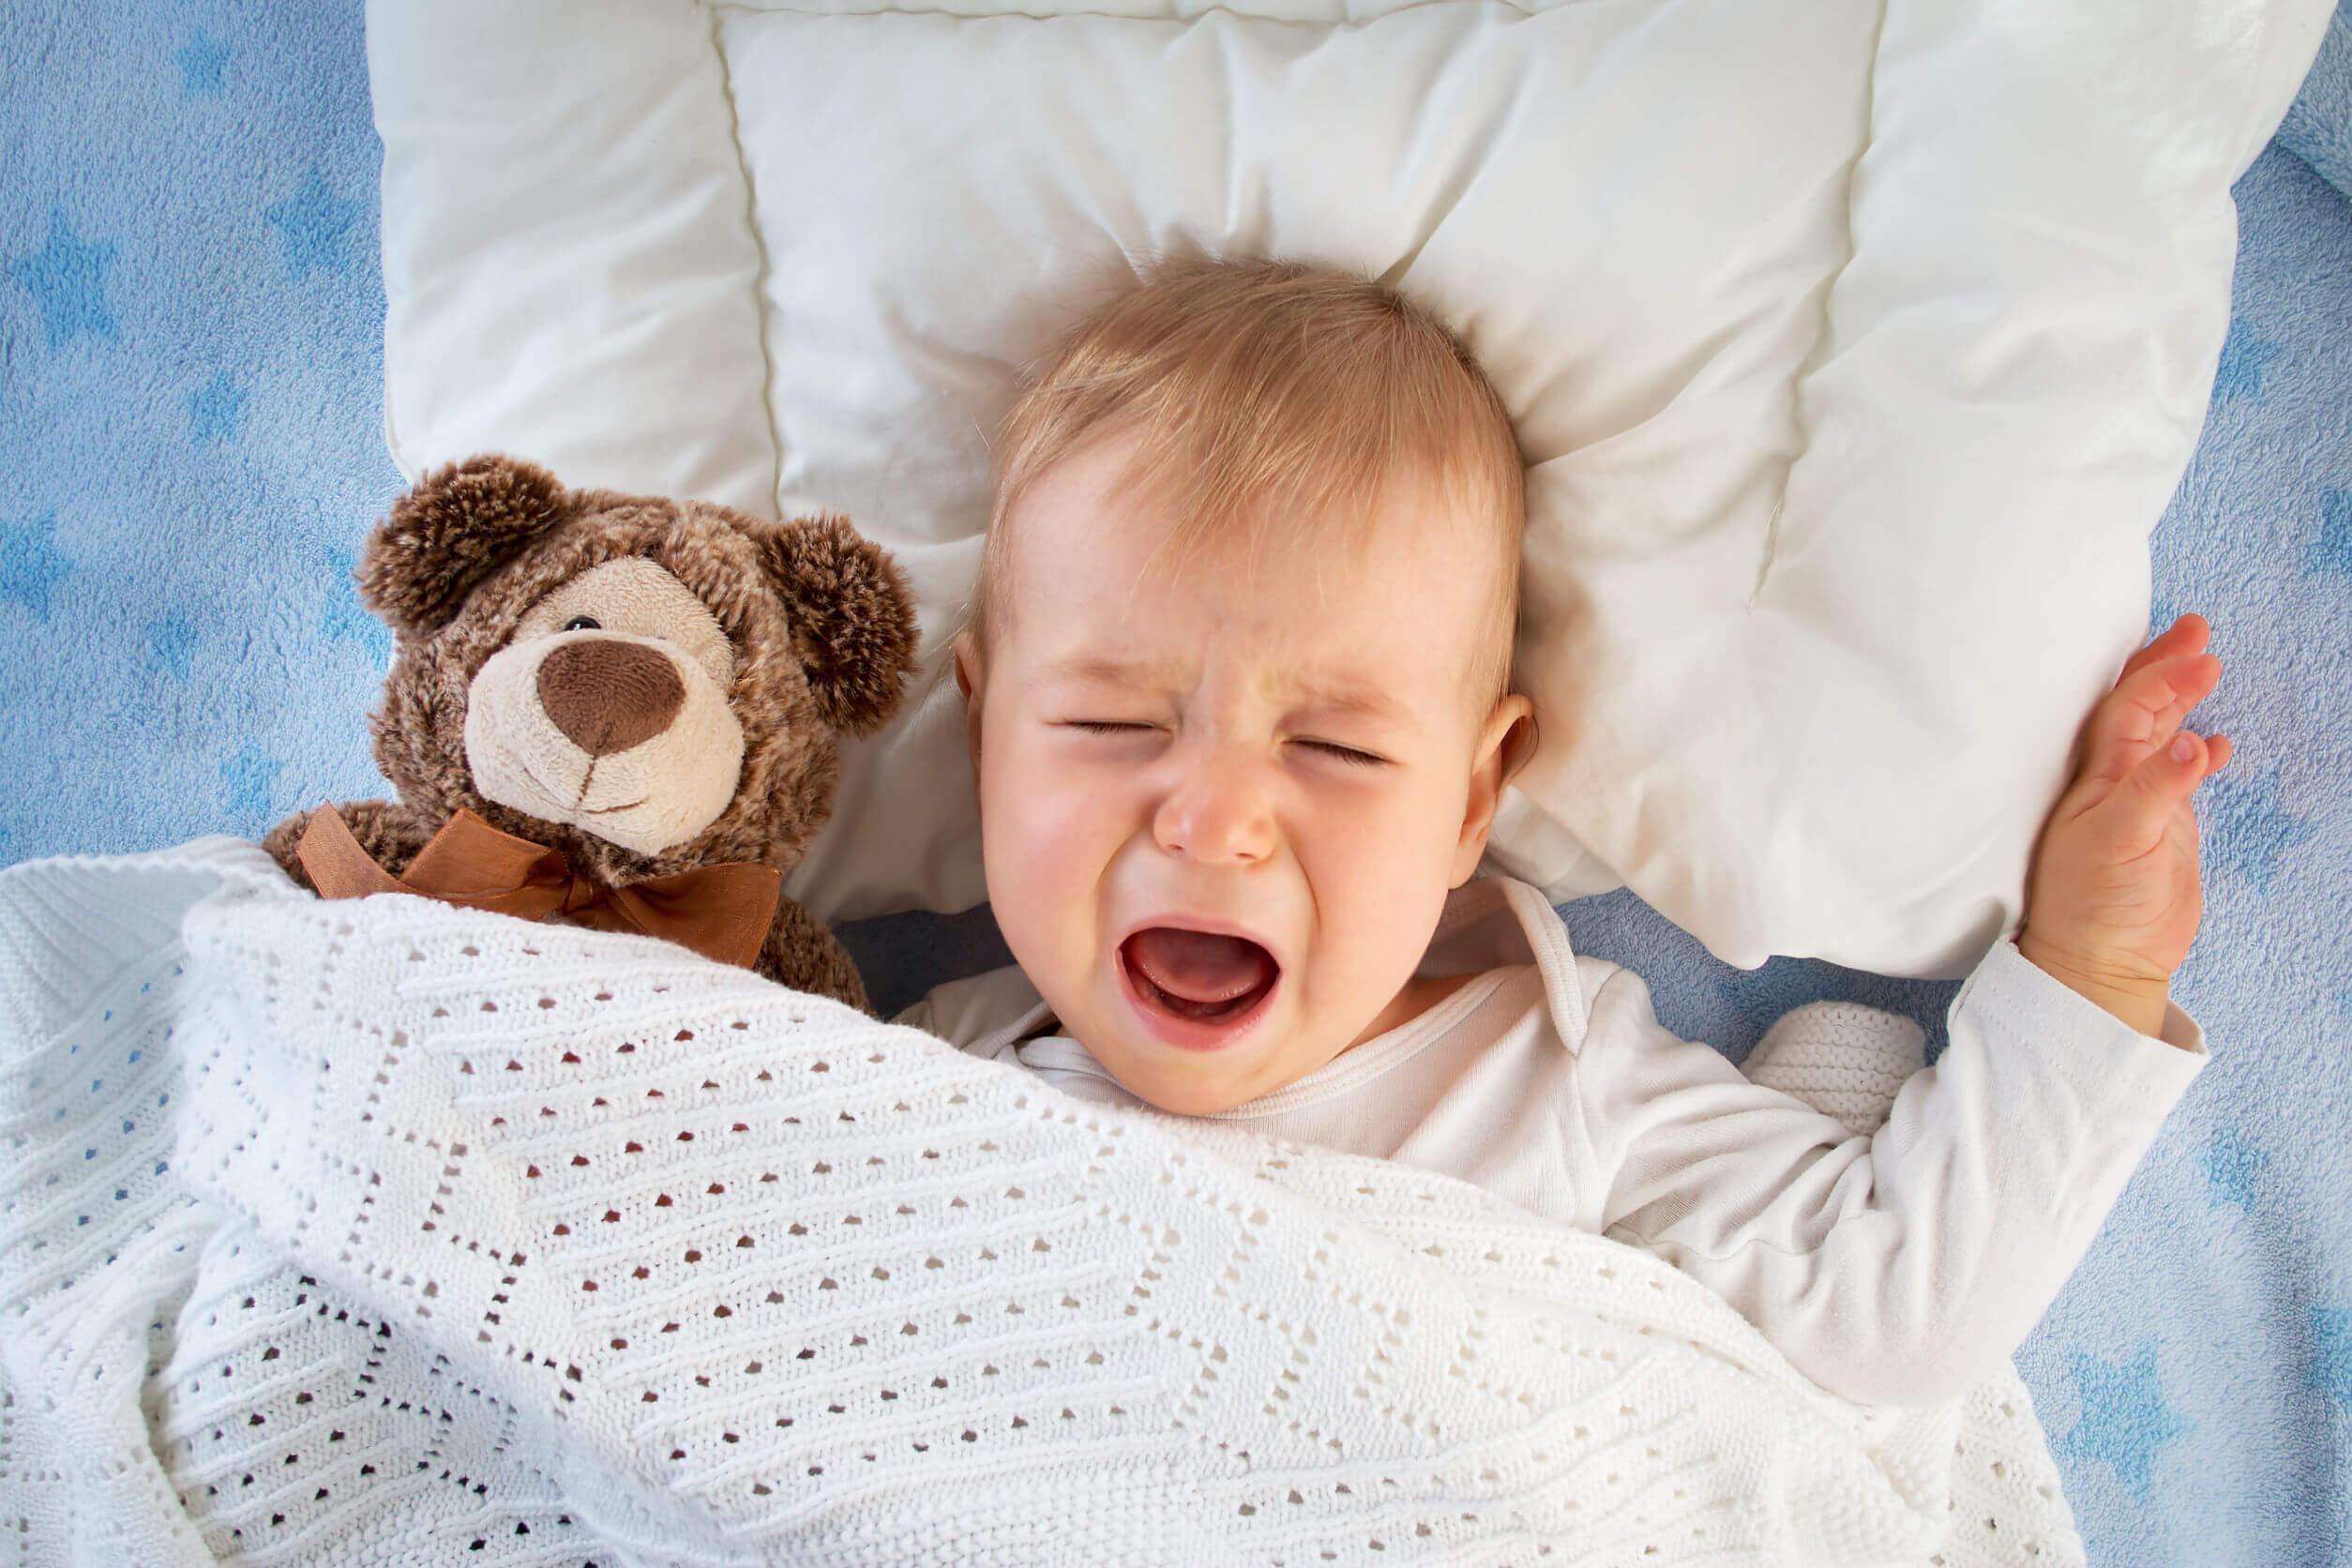 Si el bebé llora después de alimentarse puede deberse a problemas en la alimentación o la lactancia.